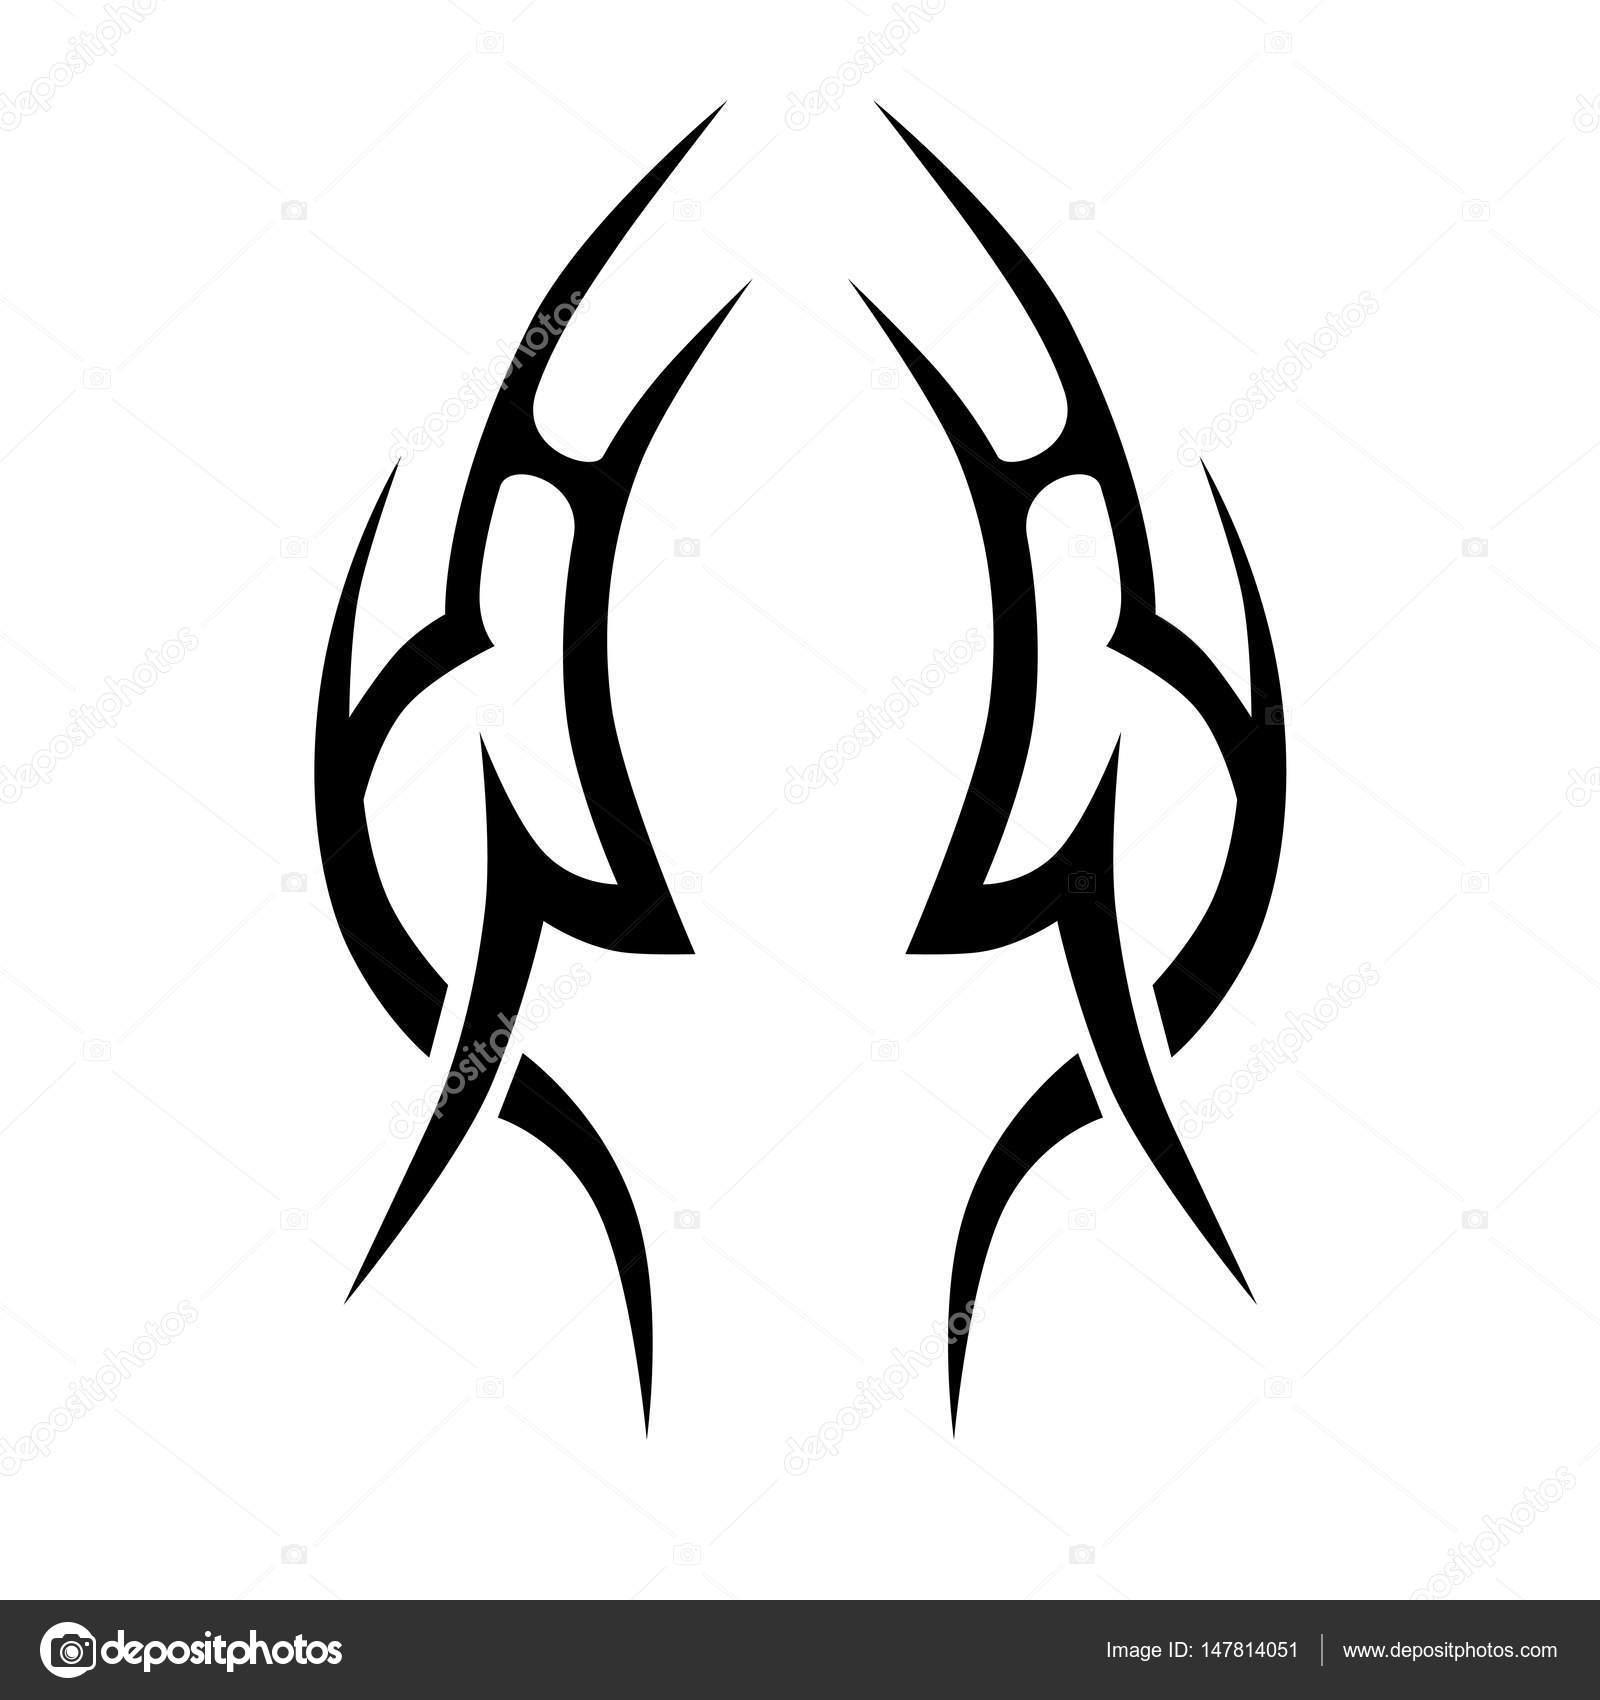 Tatuaż Tribal Płomień Wzorów Wektorowych Grafika Wektorowa